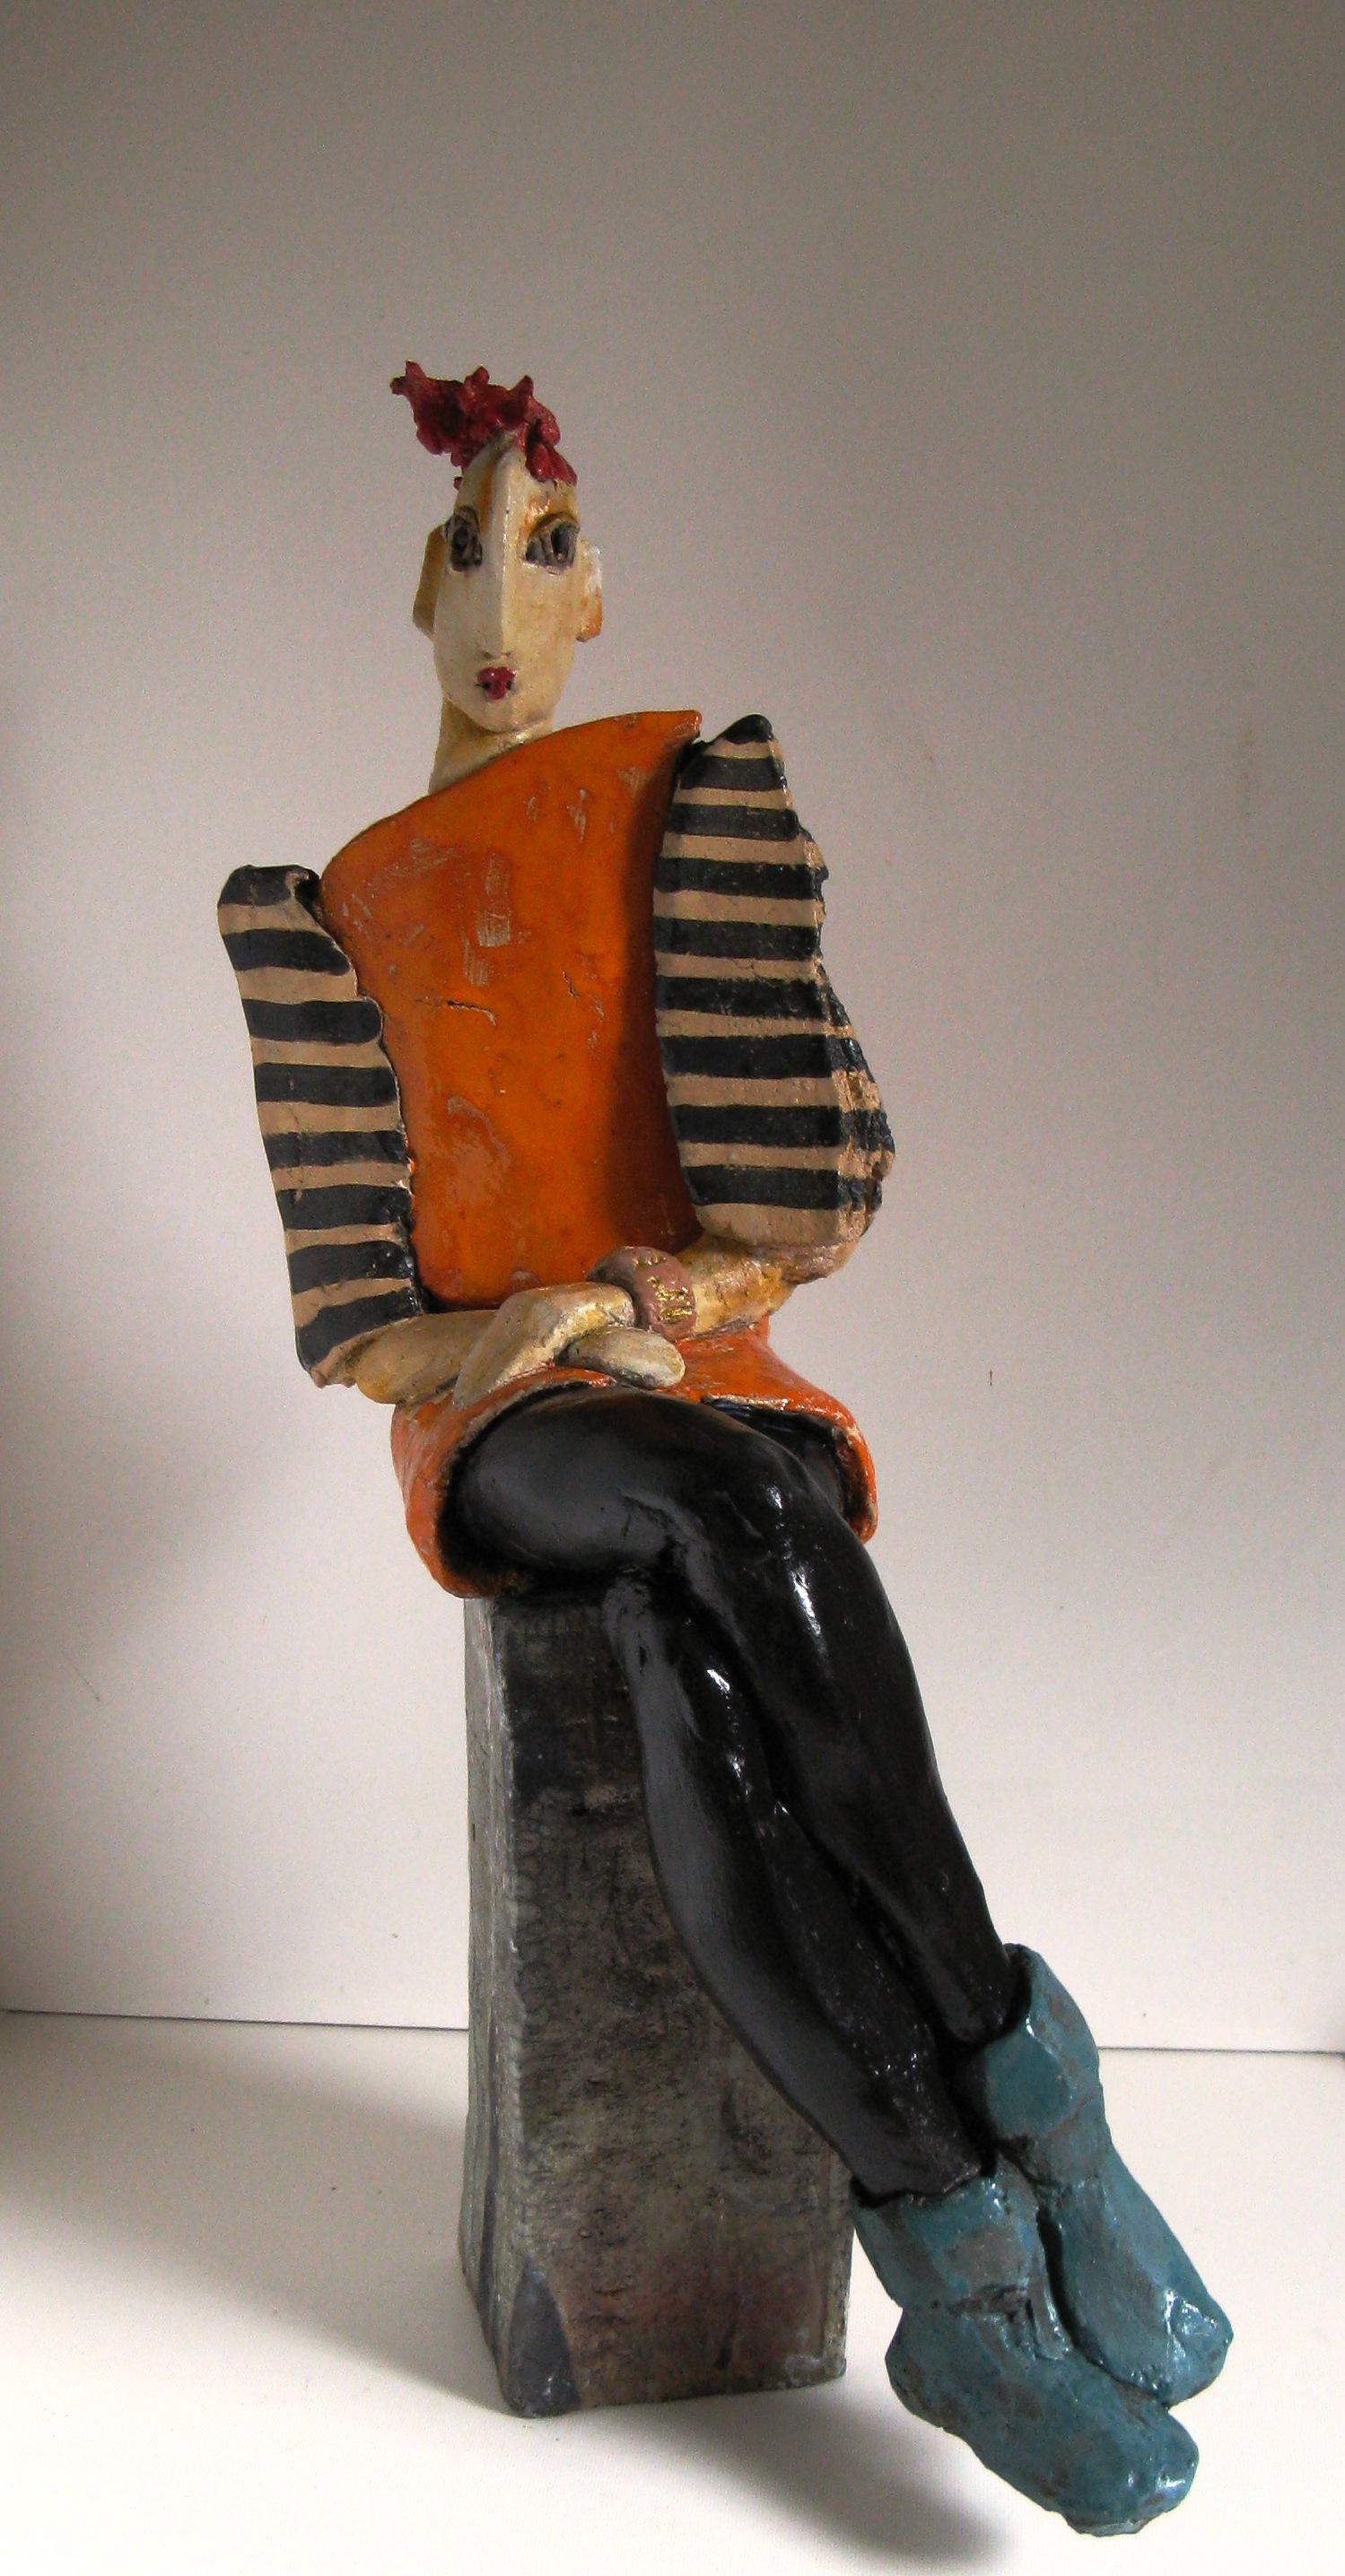 madame-keramik-glasiert-und-patiniert-h67cm-2011_0